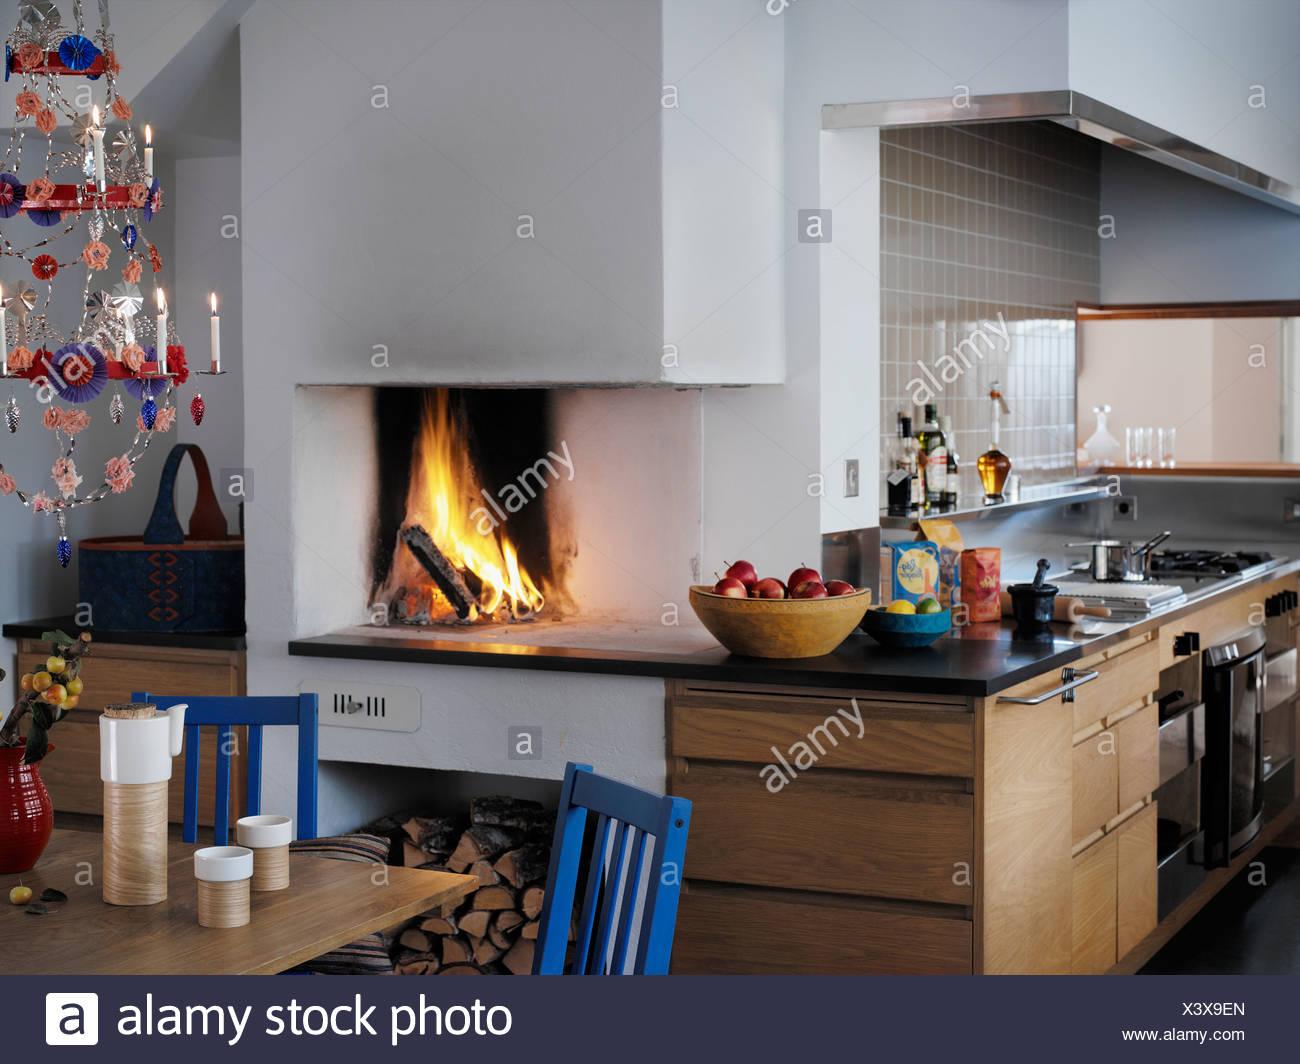 Küche mit Kamin Stockfoto, Bild: 277788077 - Alamy